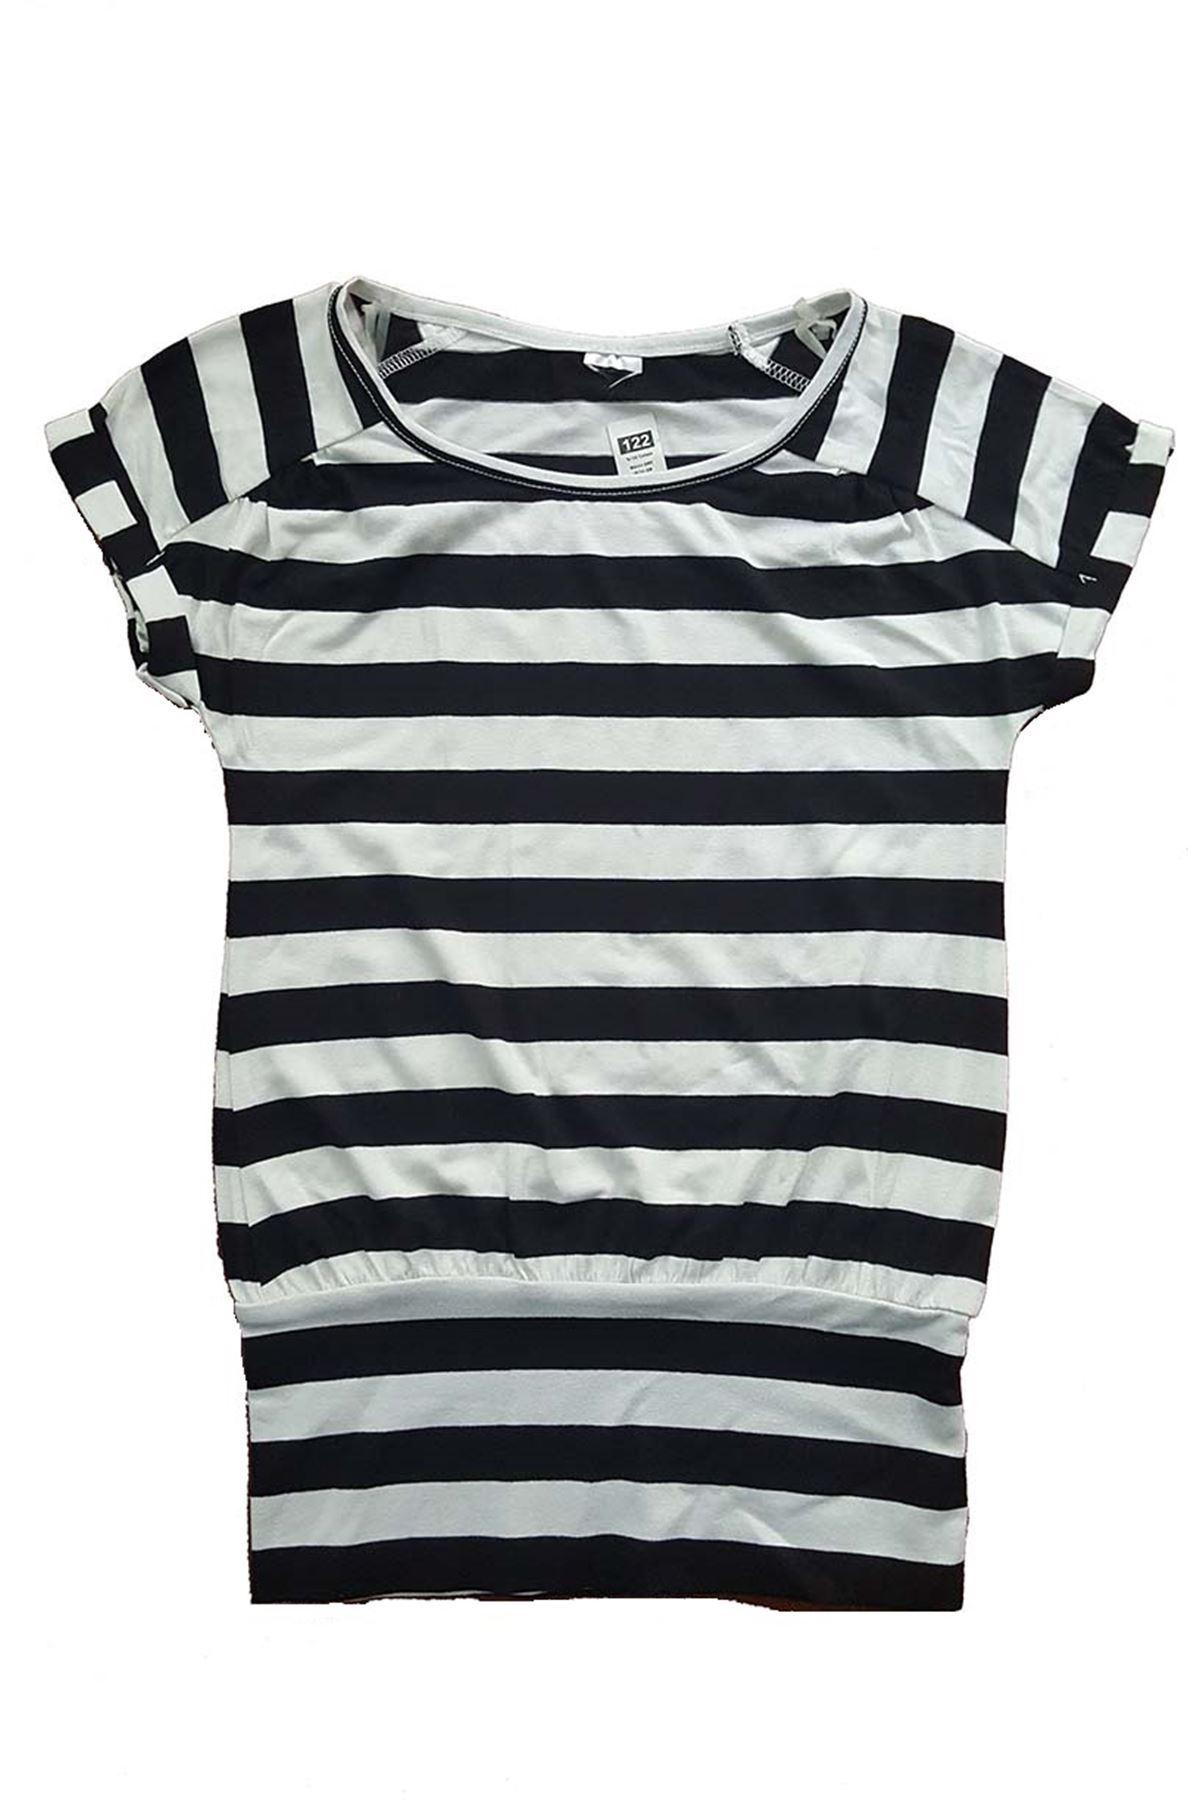 Çocuk Tunik Elbise 16D-5009